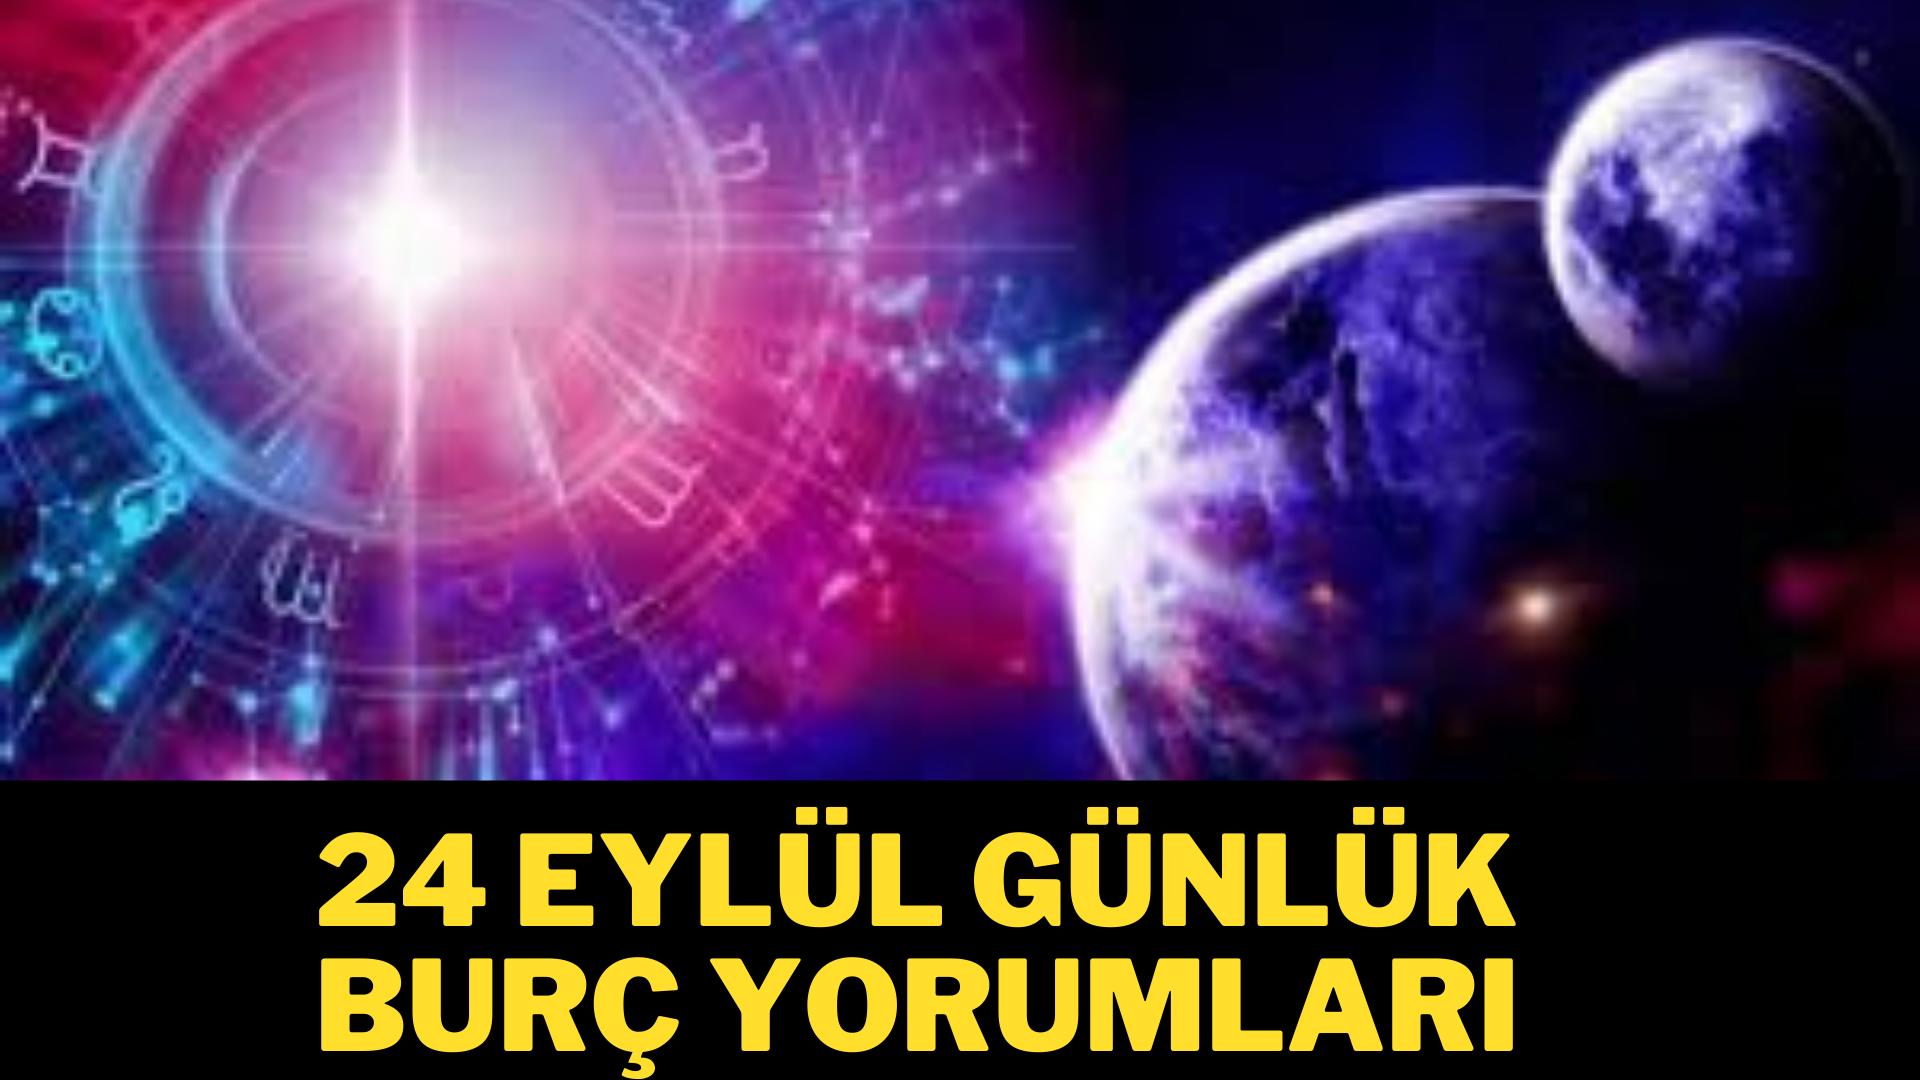 24+Eyl%C3%BCl+bur%C3%A7+yorumu:+Herkes+size+hayran%21;